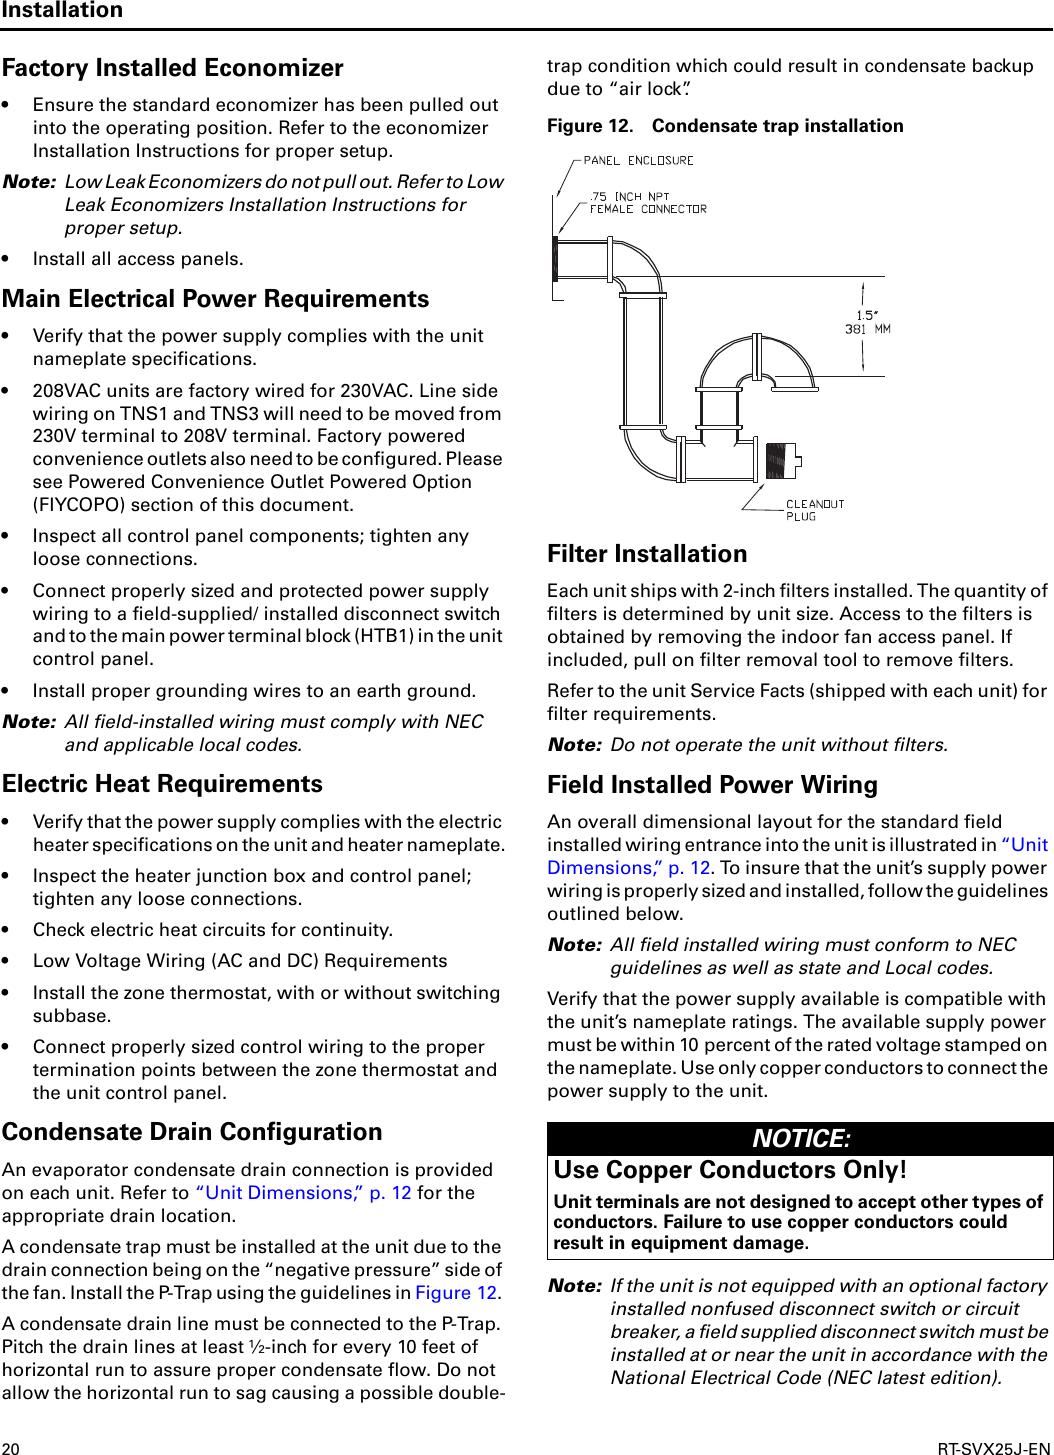 Trane Voyager Manual